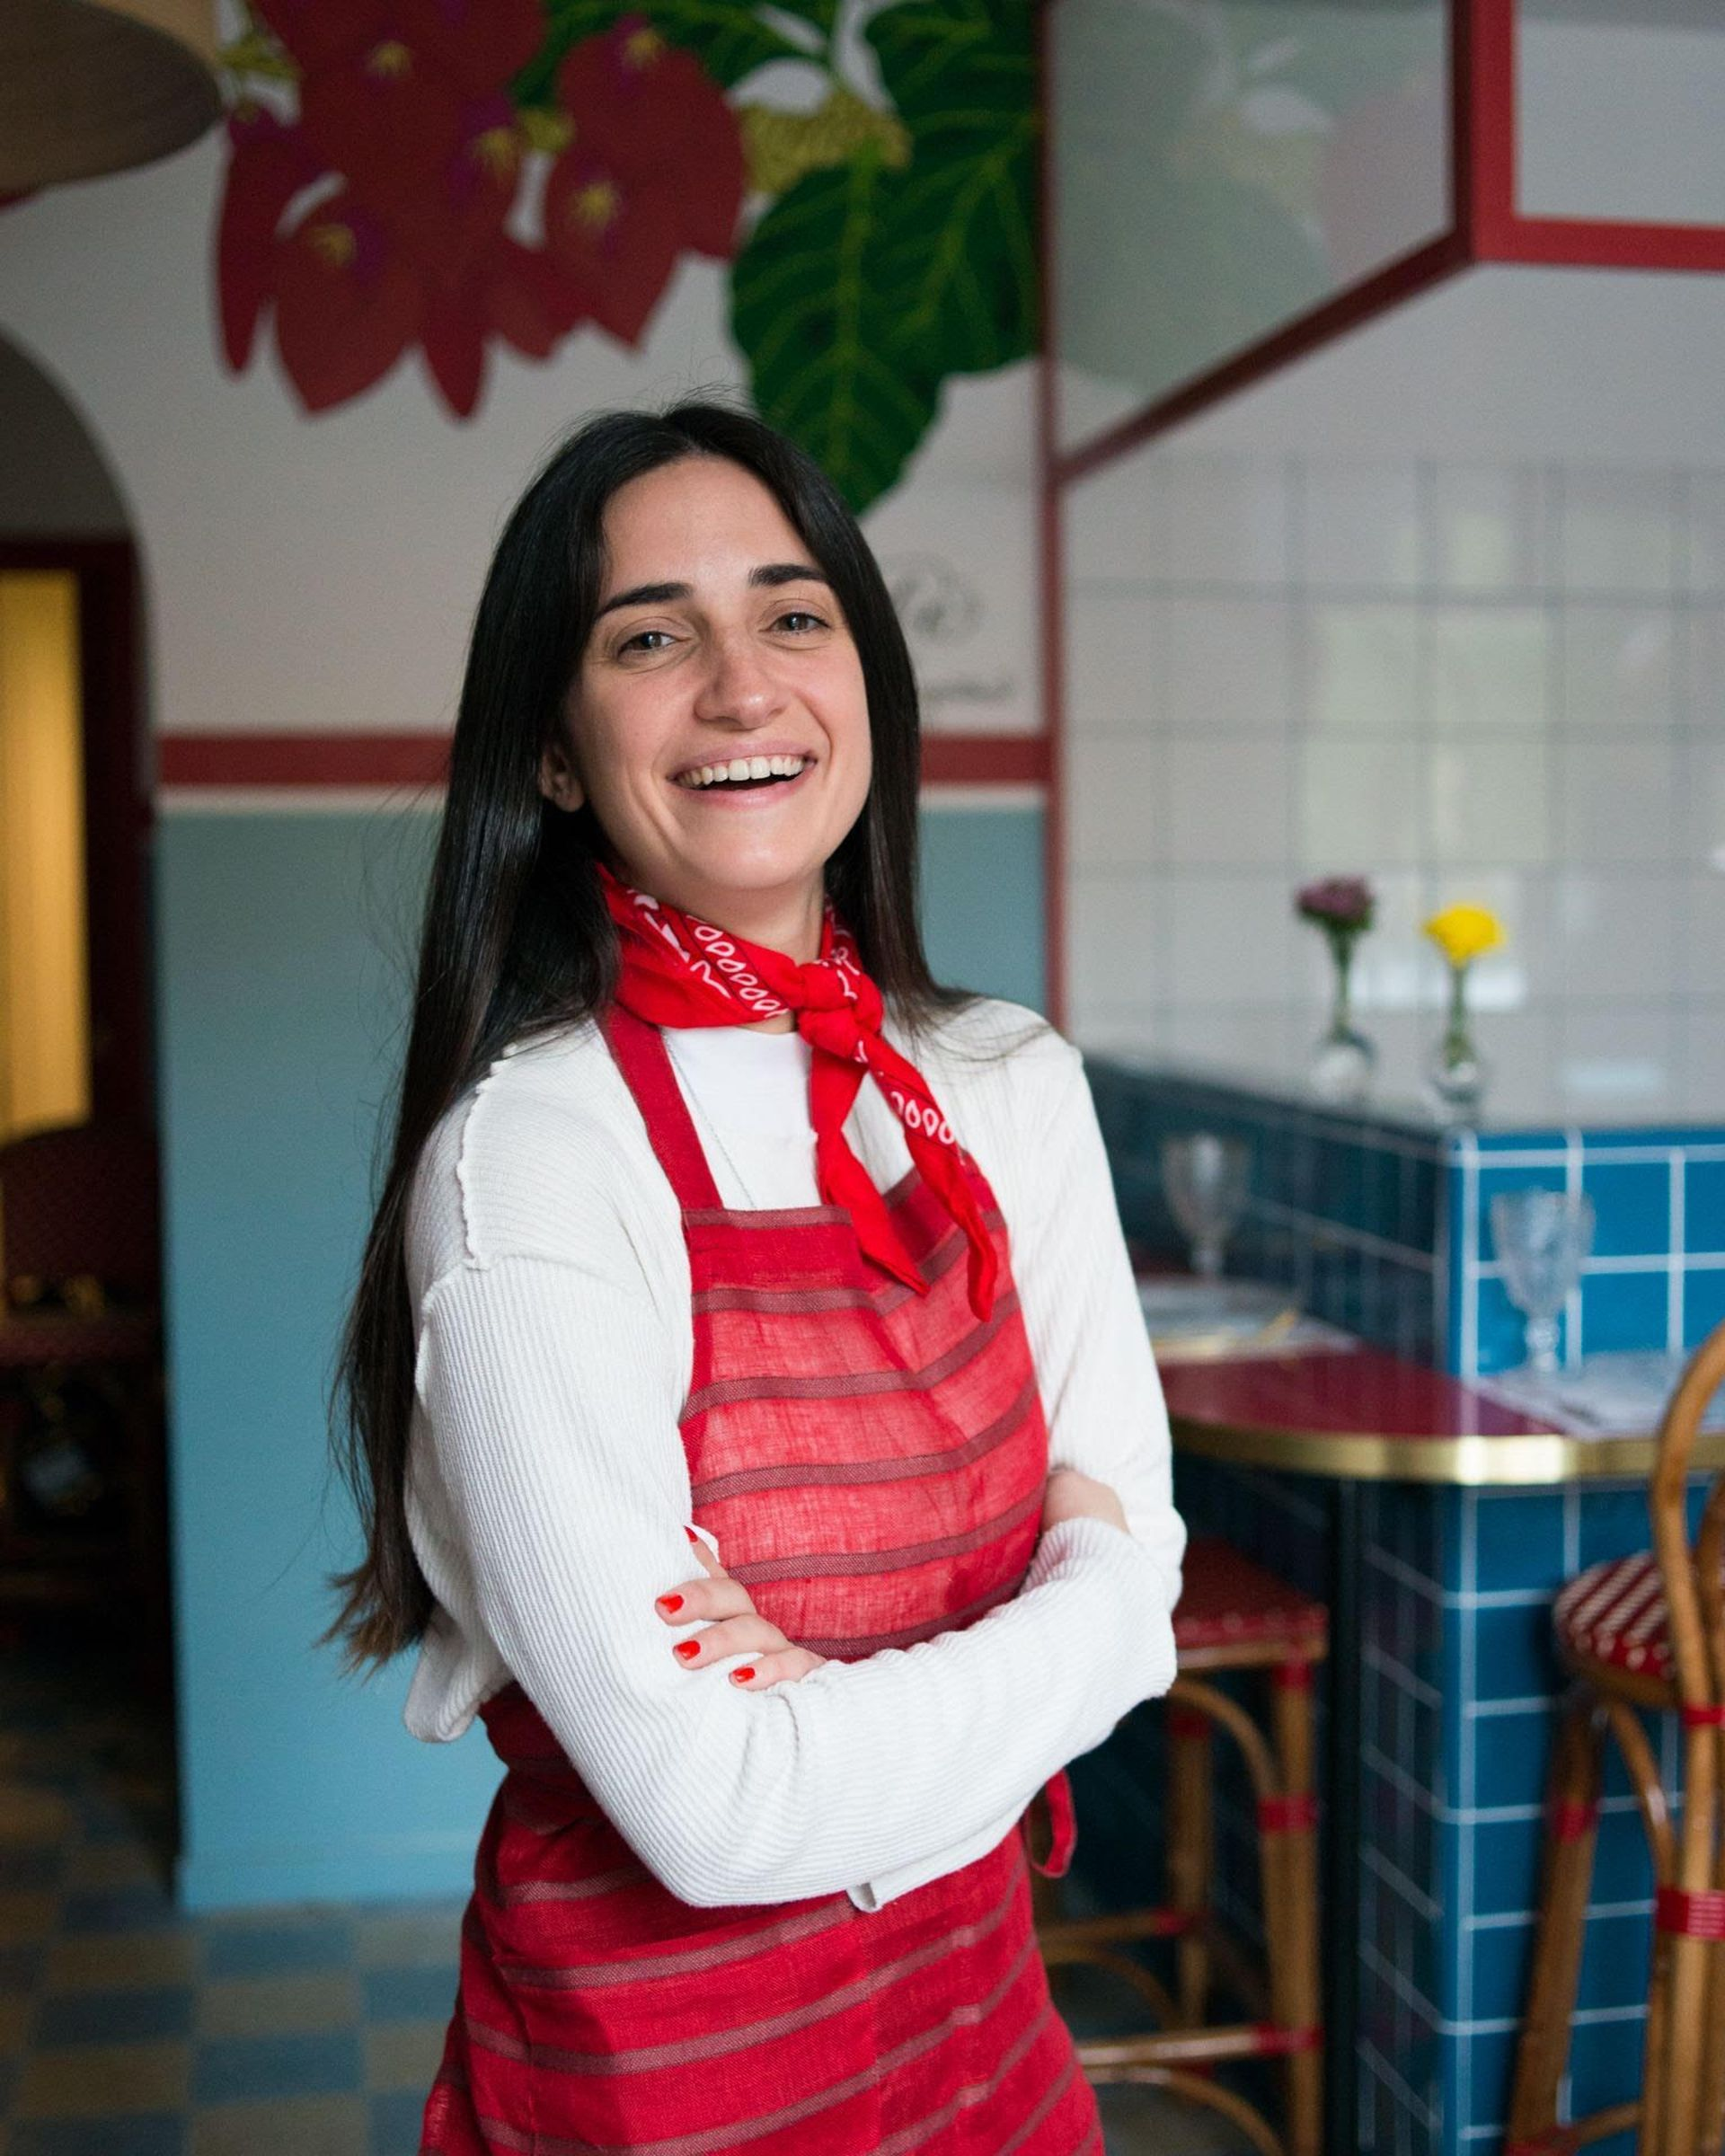 María Florencia Claps, hija de Ernesto, trabaja con su marido y su padre en el restaurante Ceibo.